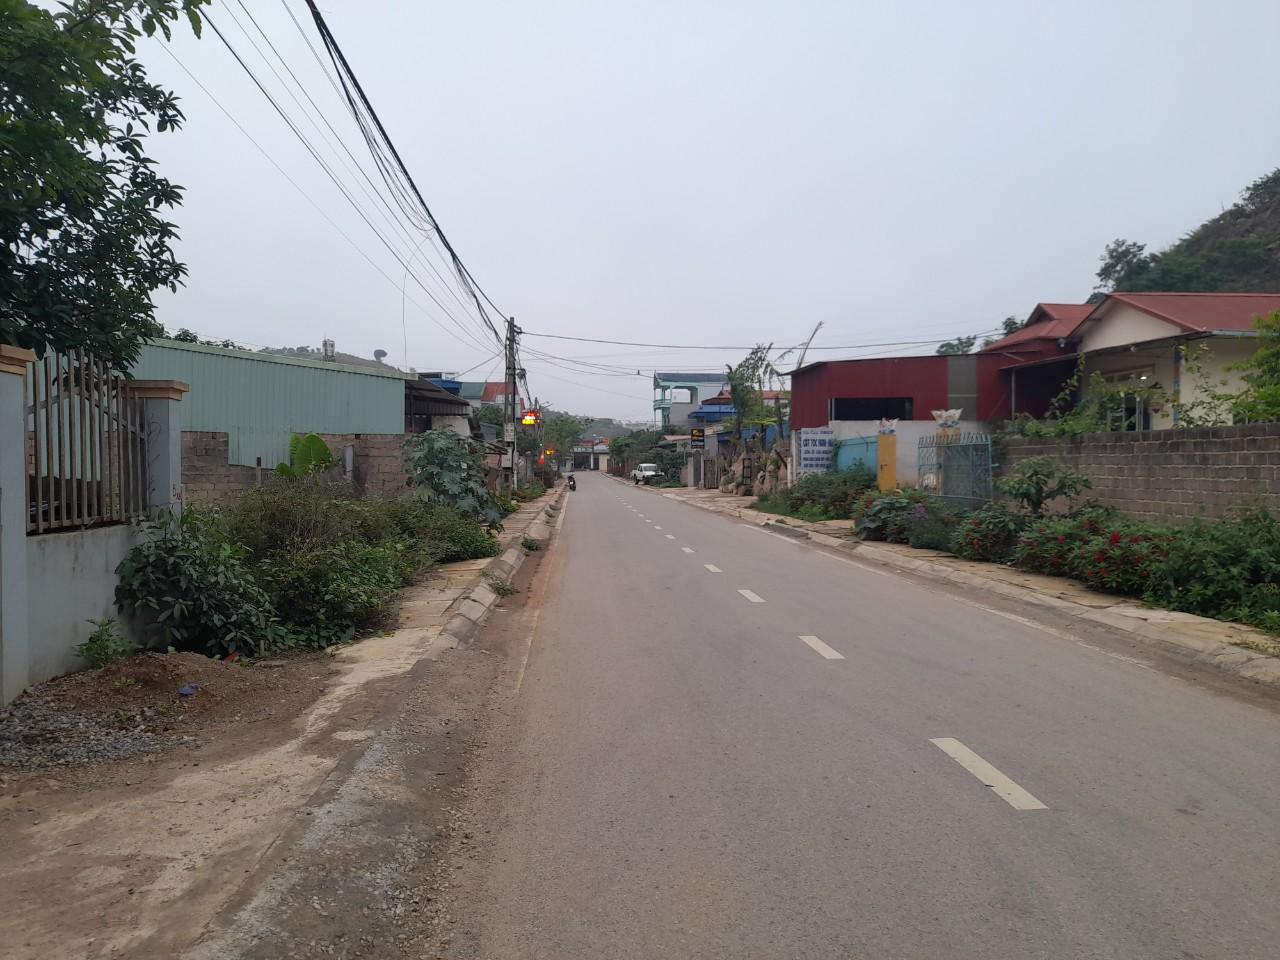 Mảnh đất thị trấn Mộc Châu cảnh đẹp 4 mùa khí hậu mát mẻ thichs hượp làm khu du lịch nghỉ dưỡng